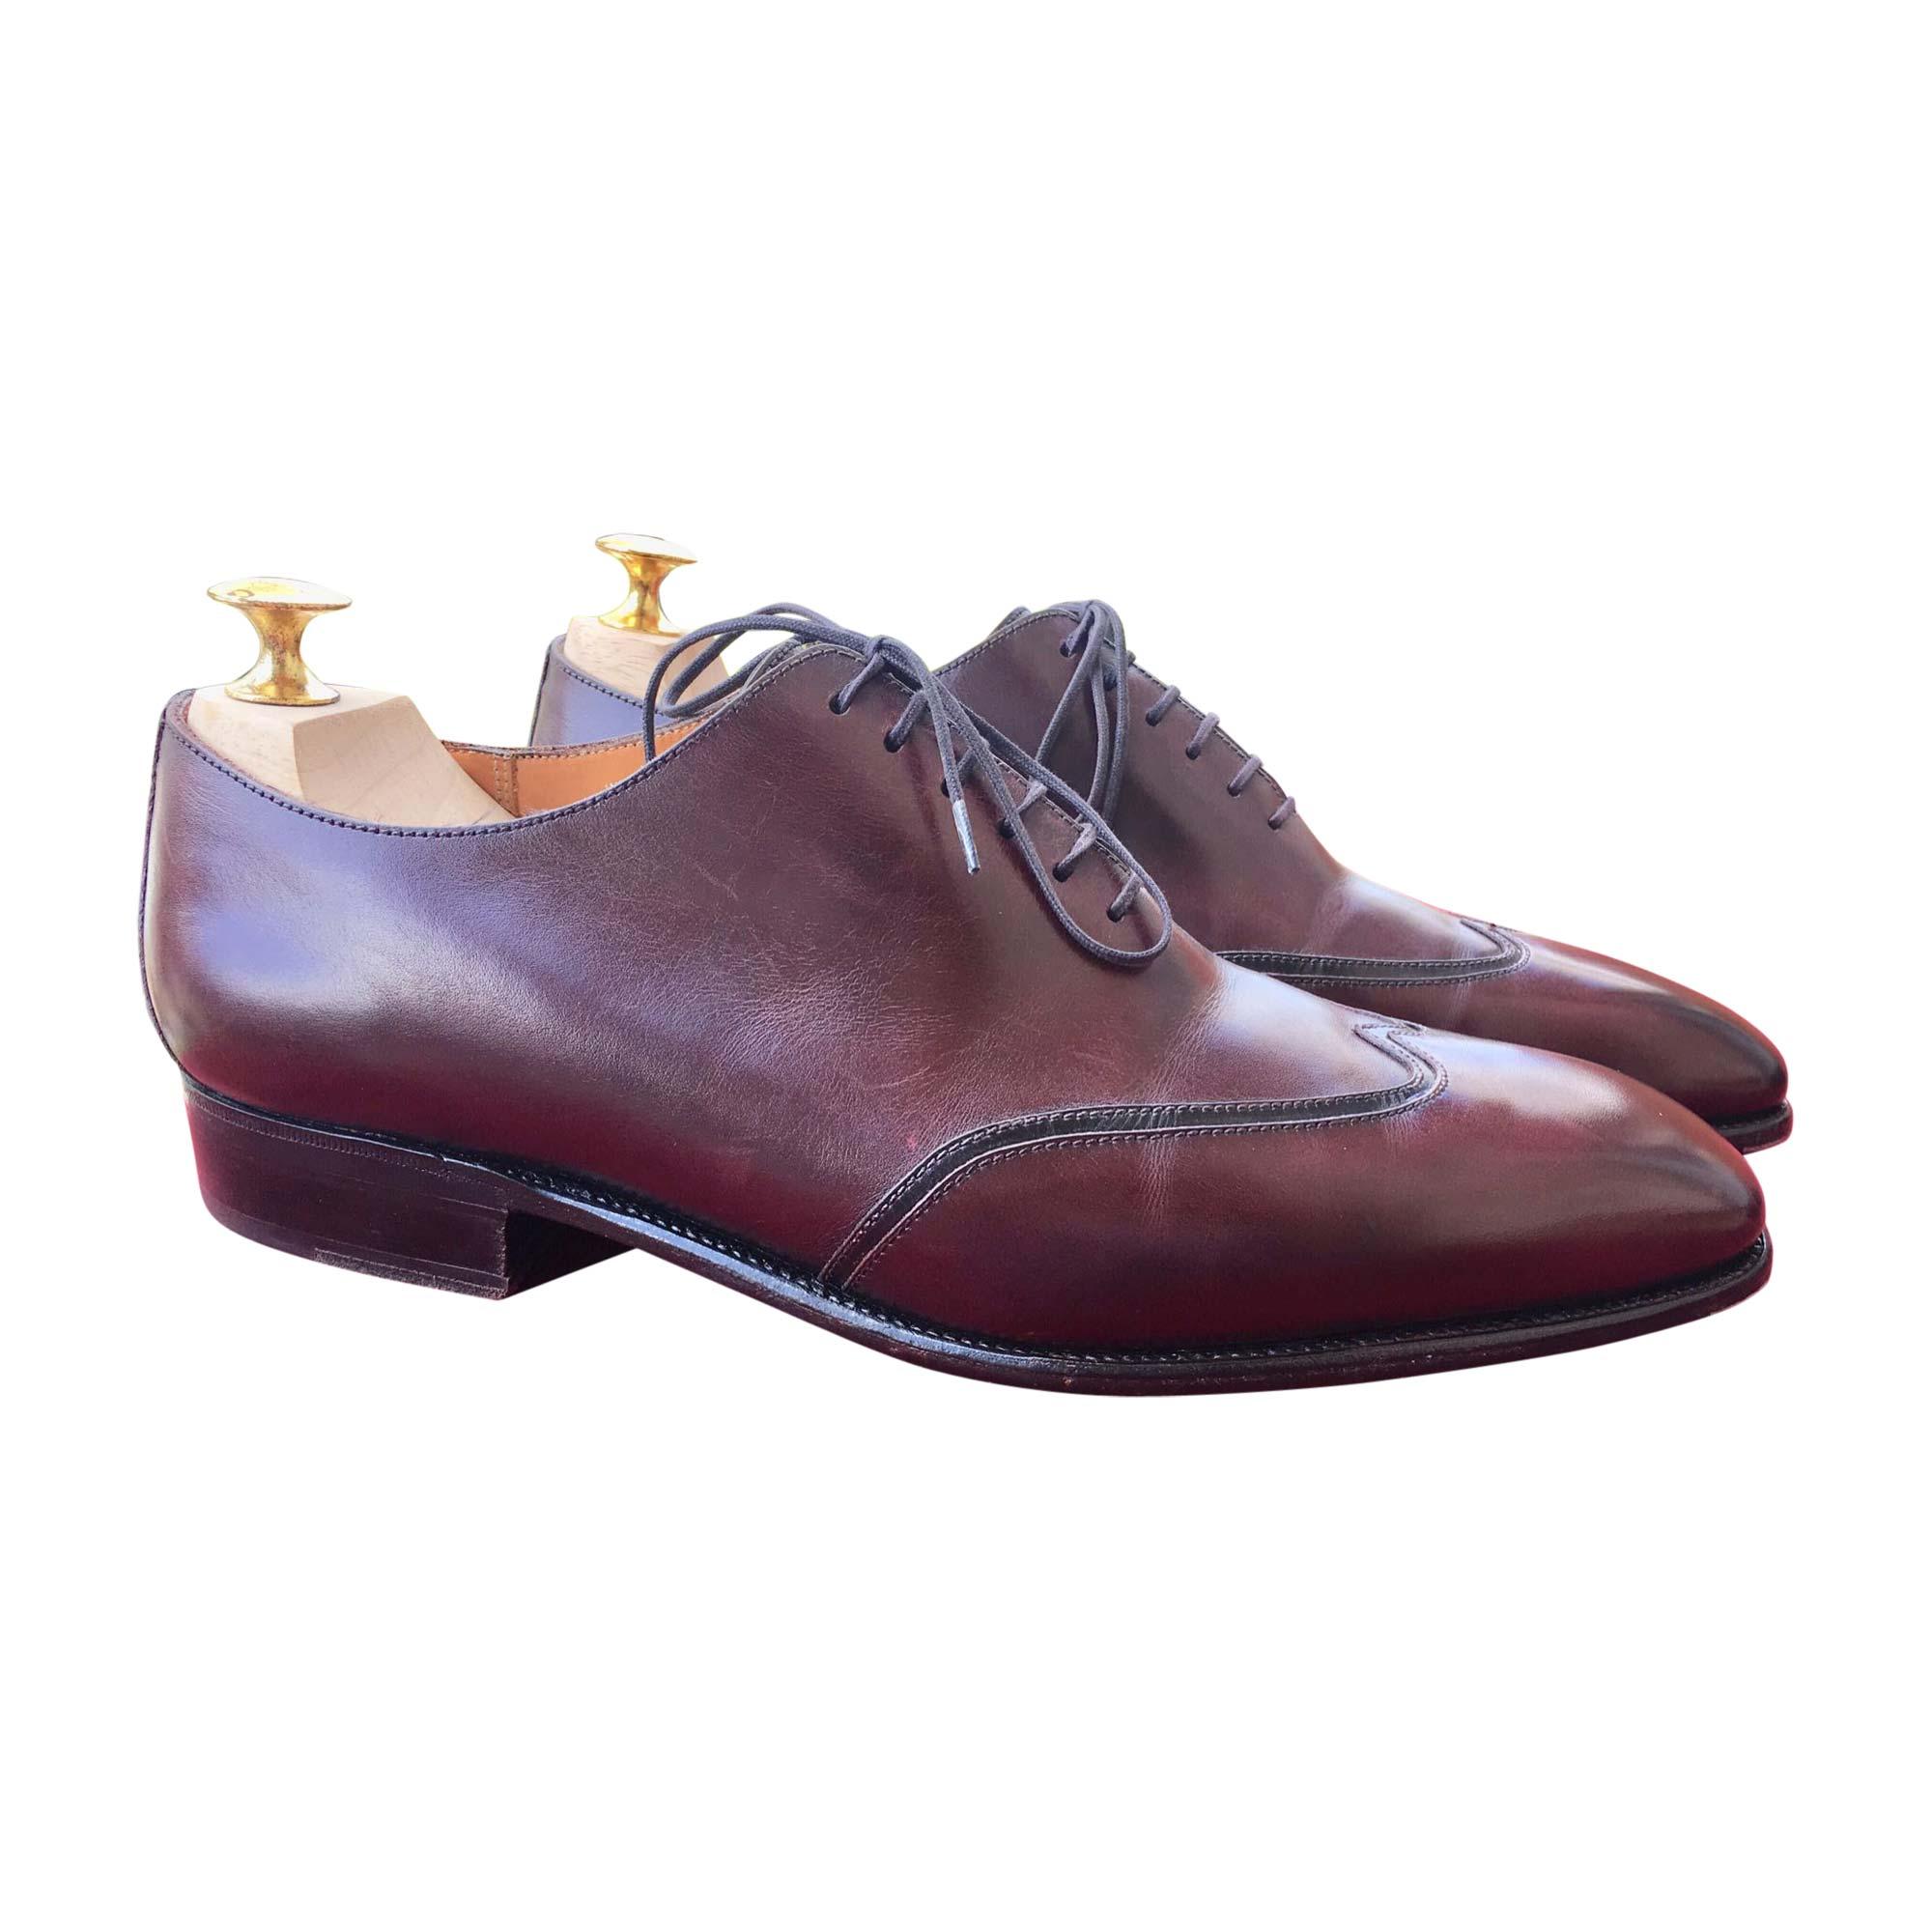 c8240c17d9 Chaussures à lacets JM WESTON 41,5 rouge - 7977866